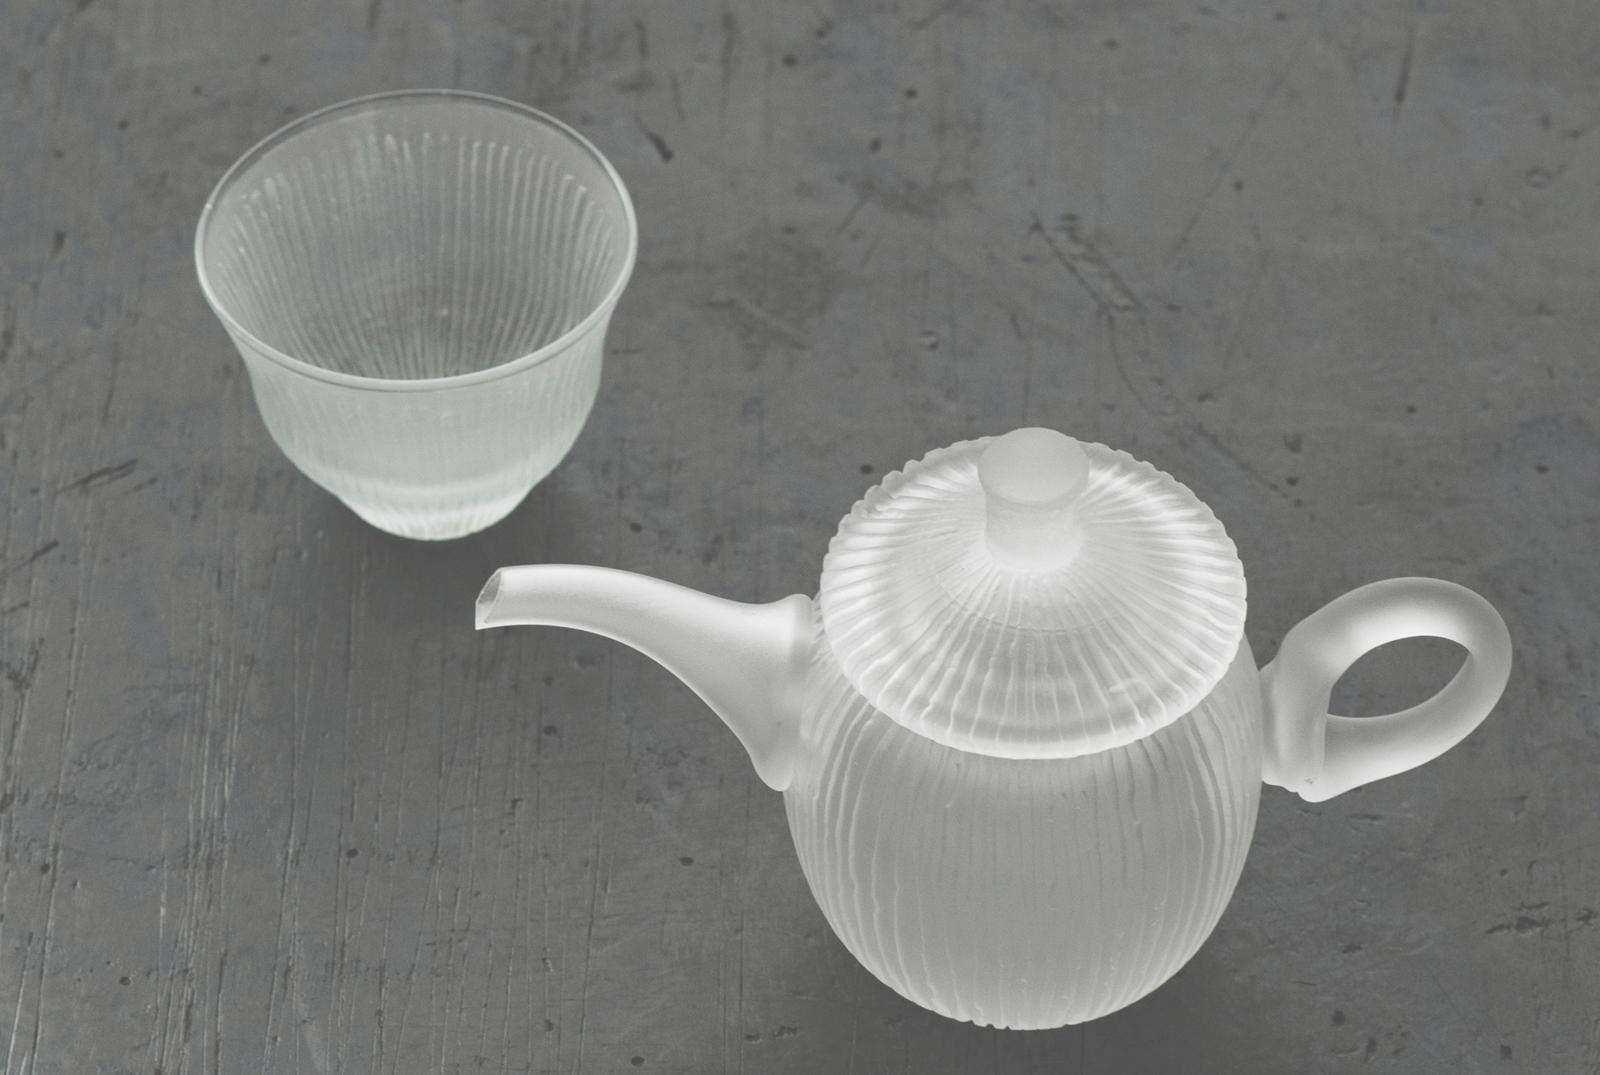 晴耕社ガラス工房|WORKS|茶器